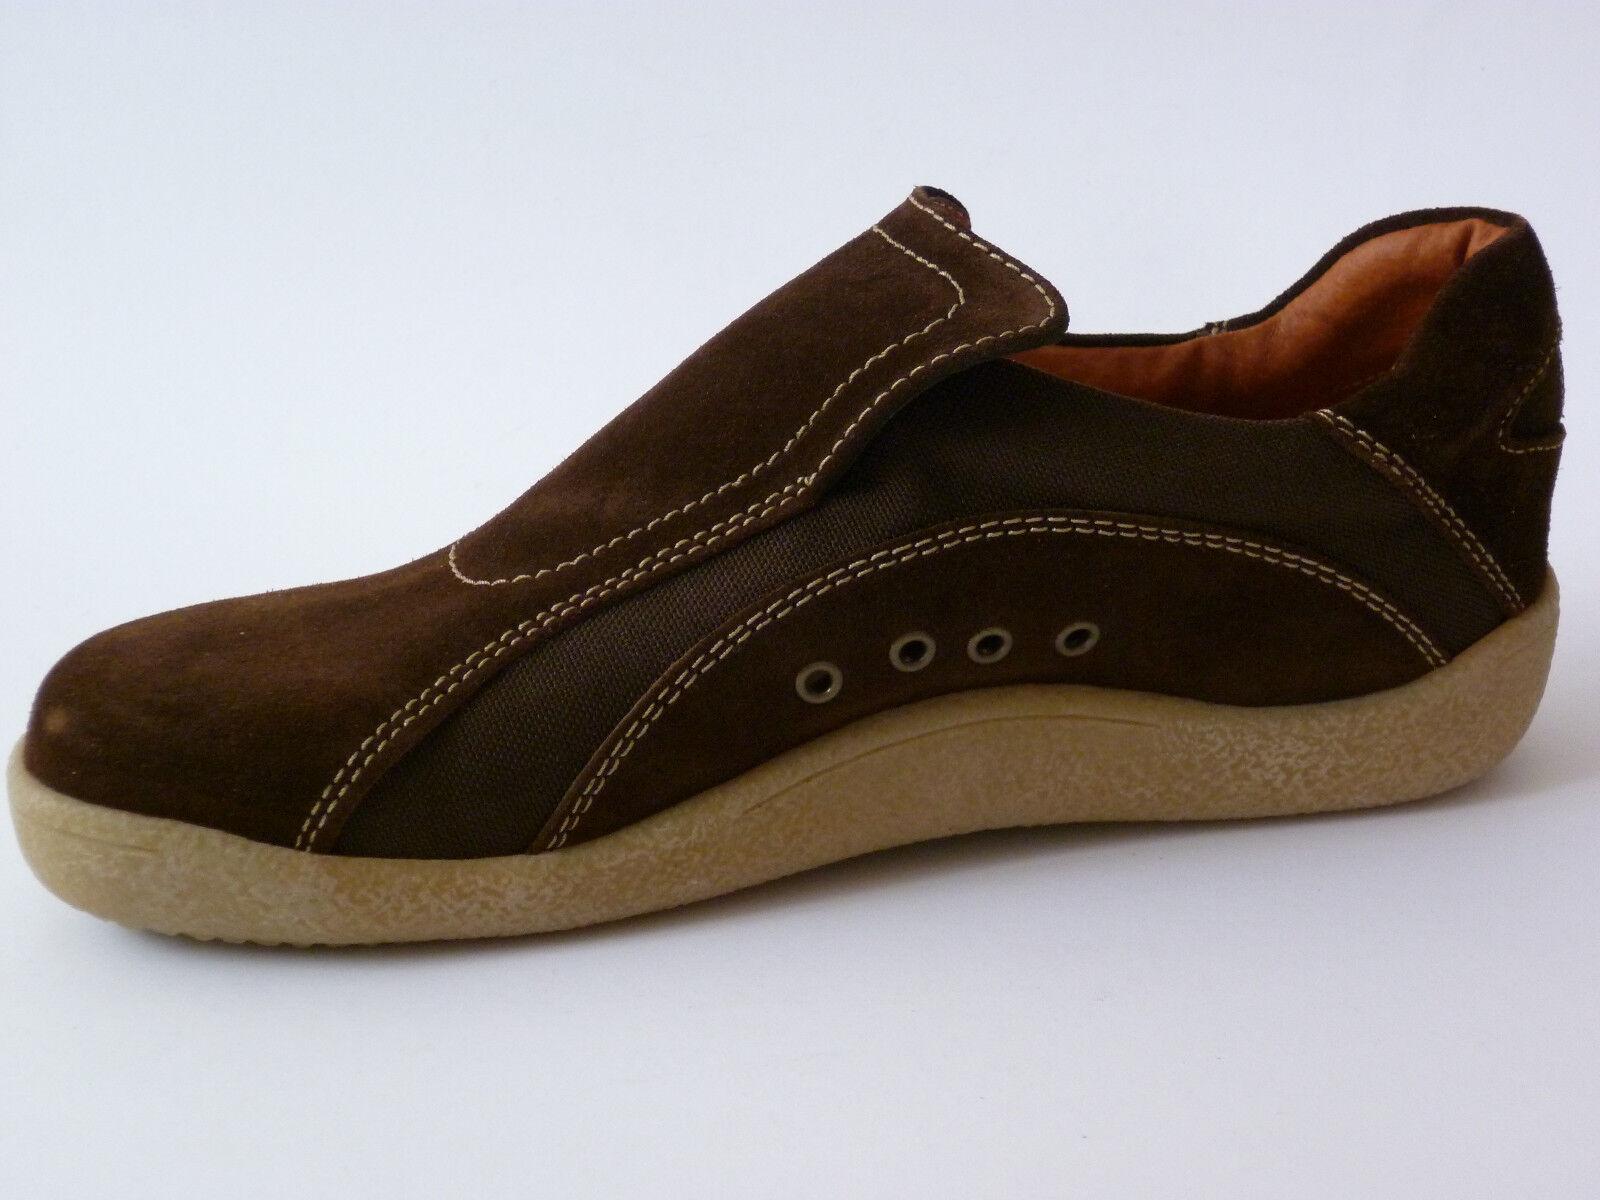 Footprints by til schweiger Birkenstock FB Basket  Moyen 39 40 41 Marron Moyen  NEUF 9e5a76